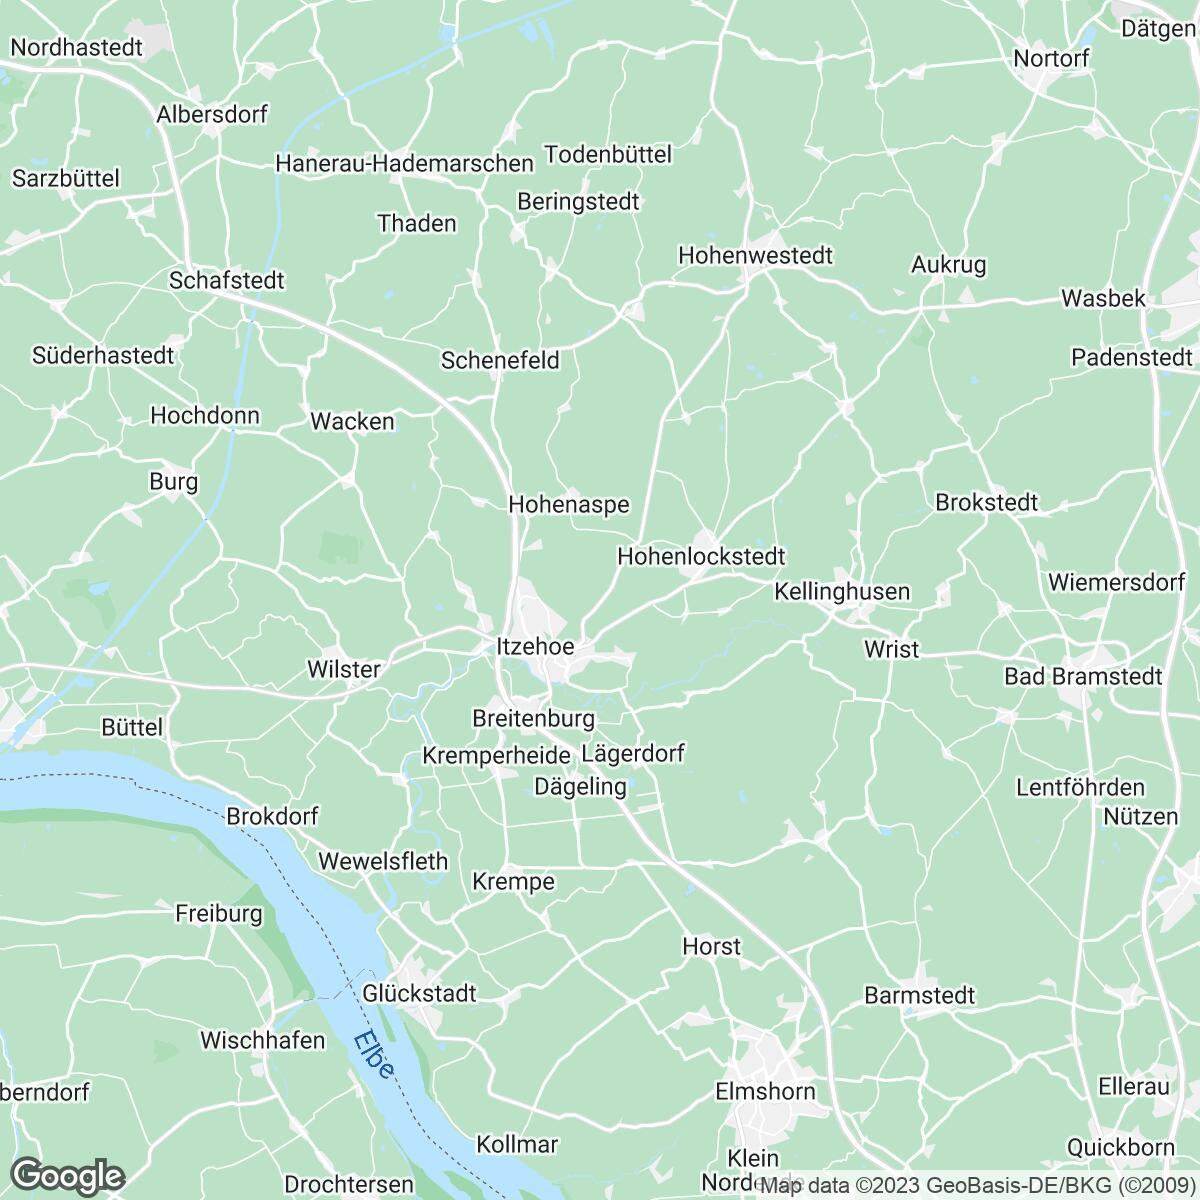 Verkaufsgebiet der Zeitungen sh:z Schleswig-Holsteinischer Zeitungsverlag